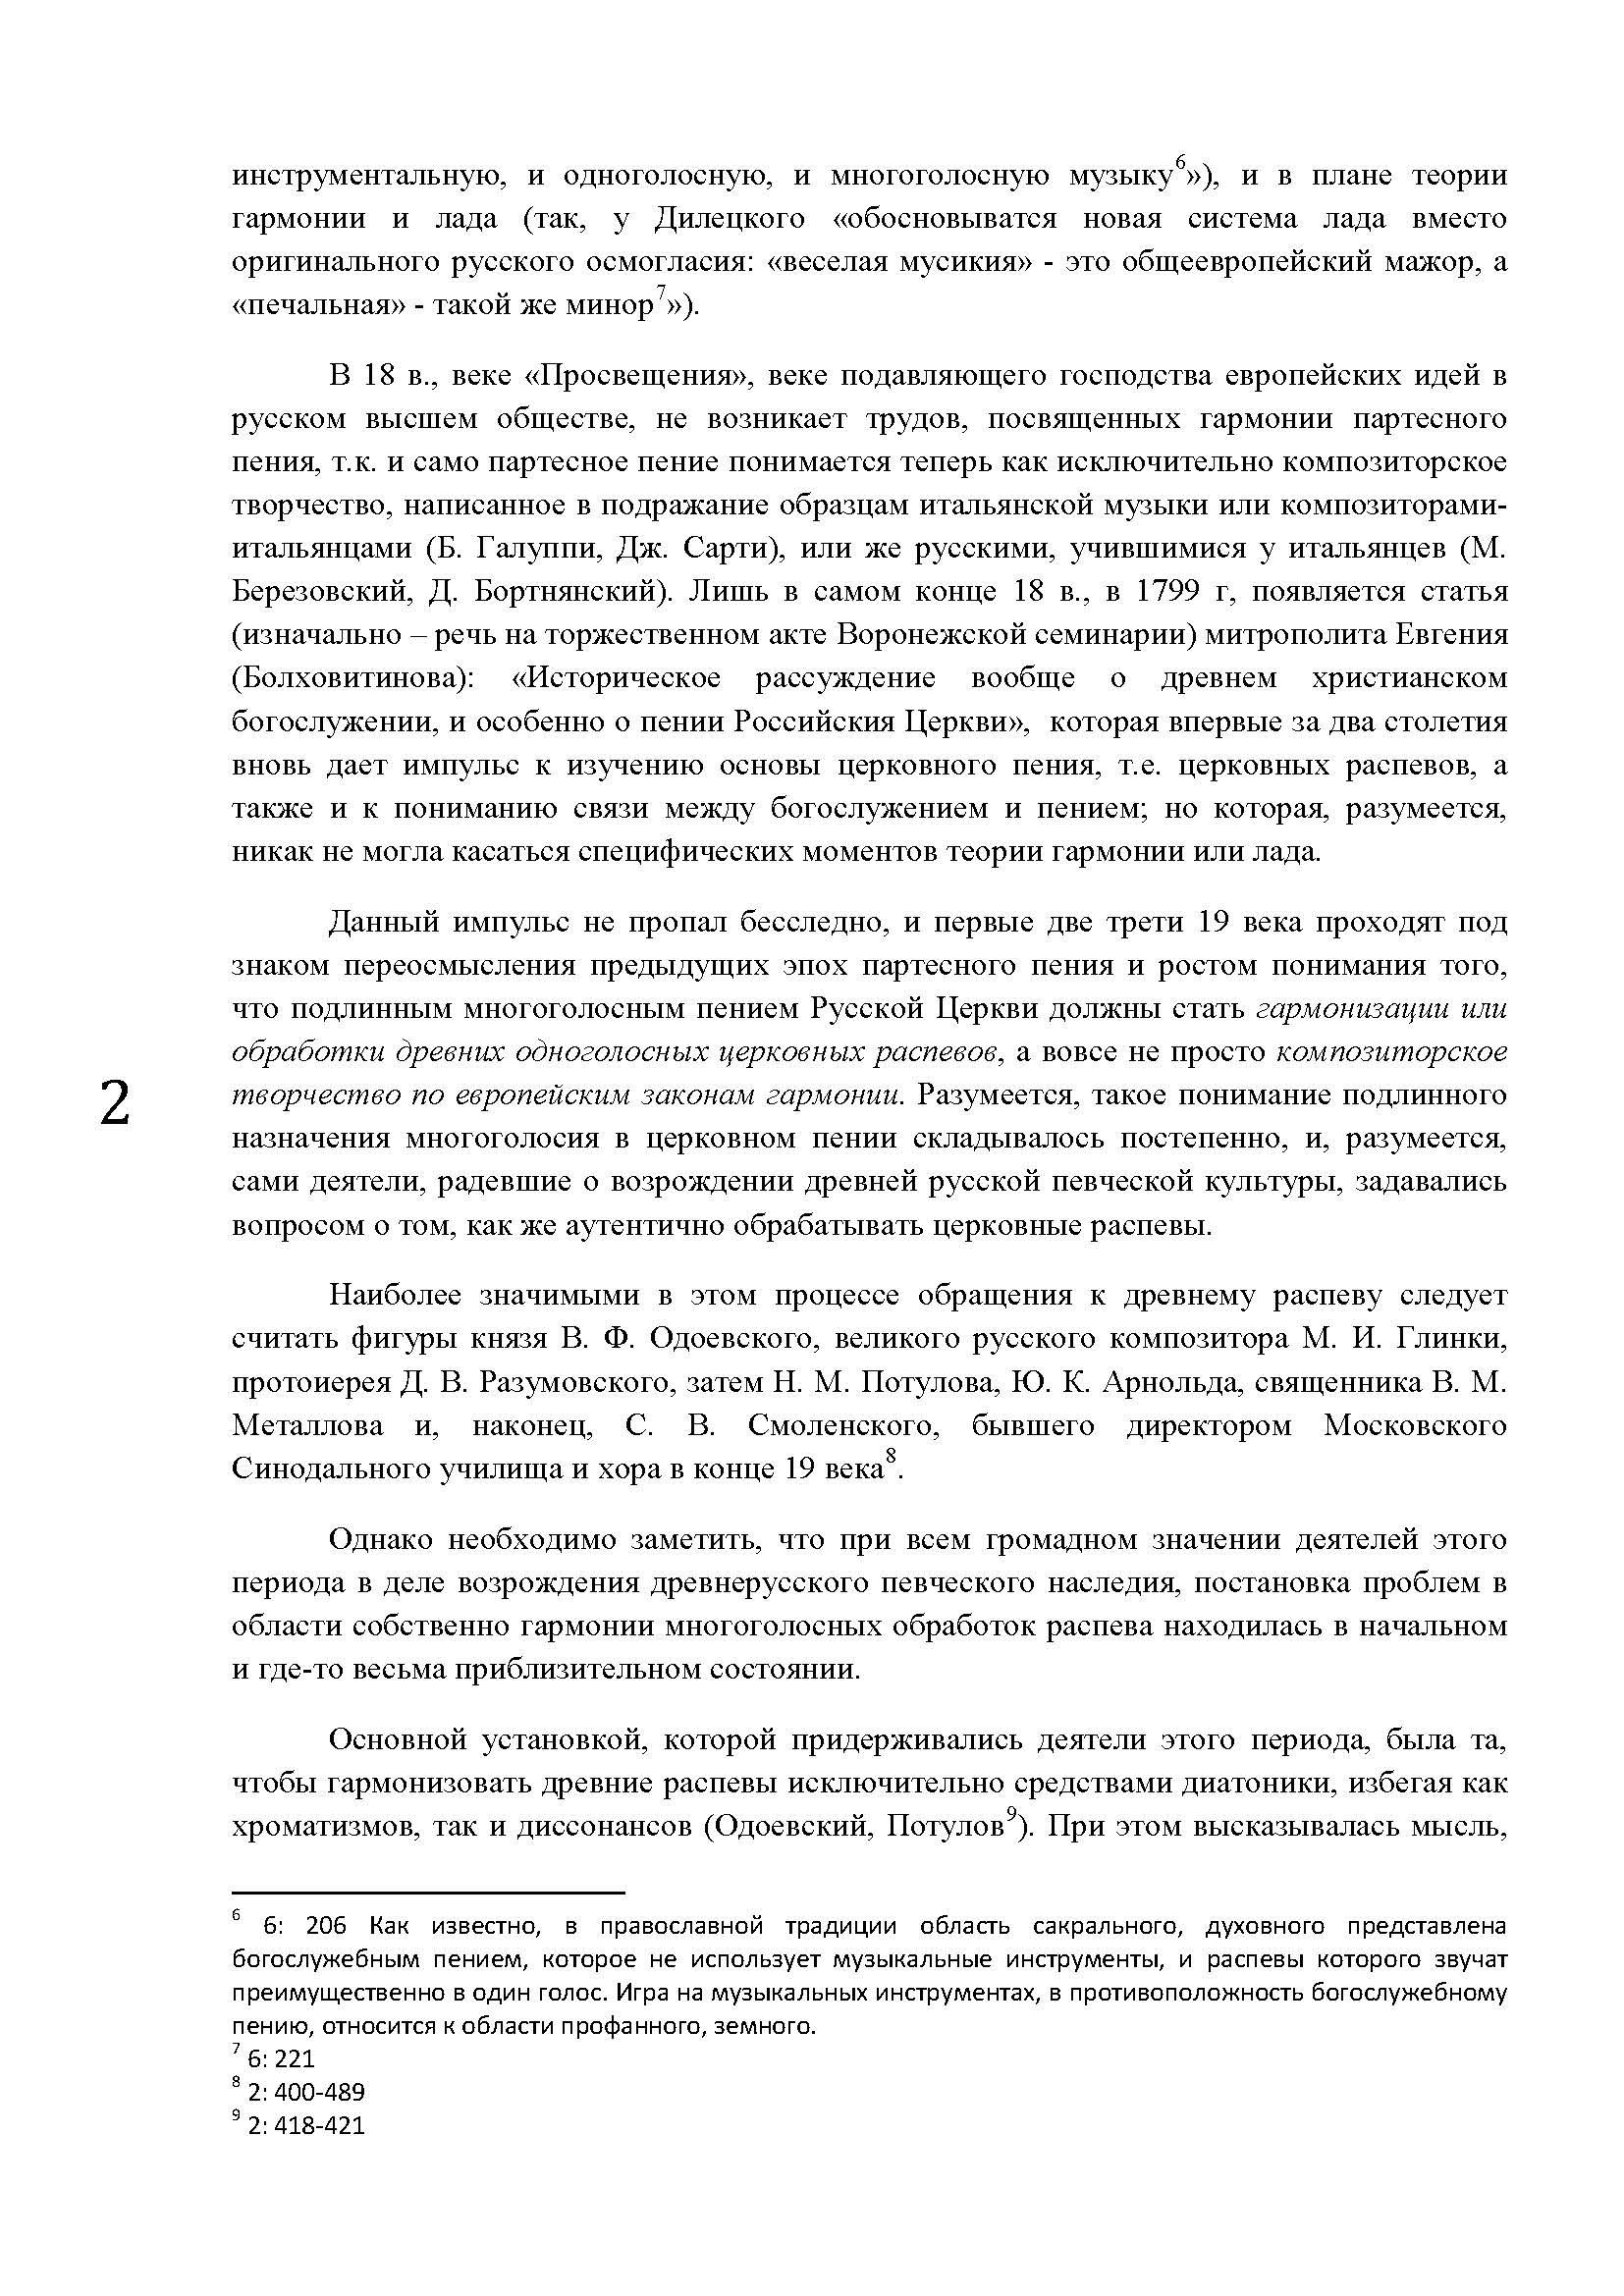 О.ФИЛИПП_ГАРМОНИЯ_ПАРТЕСНОГО_ПЕНИЯ_+_Страница_02